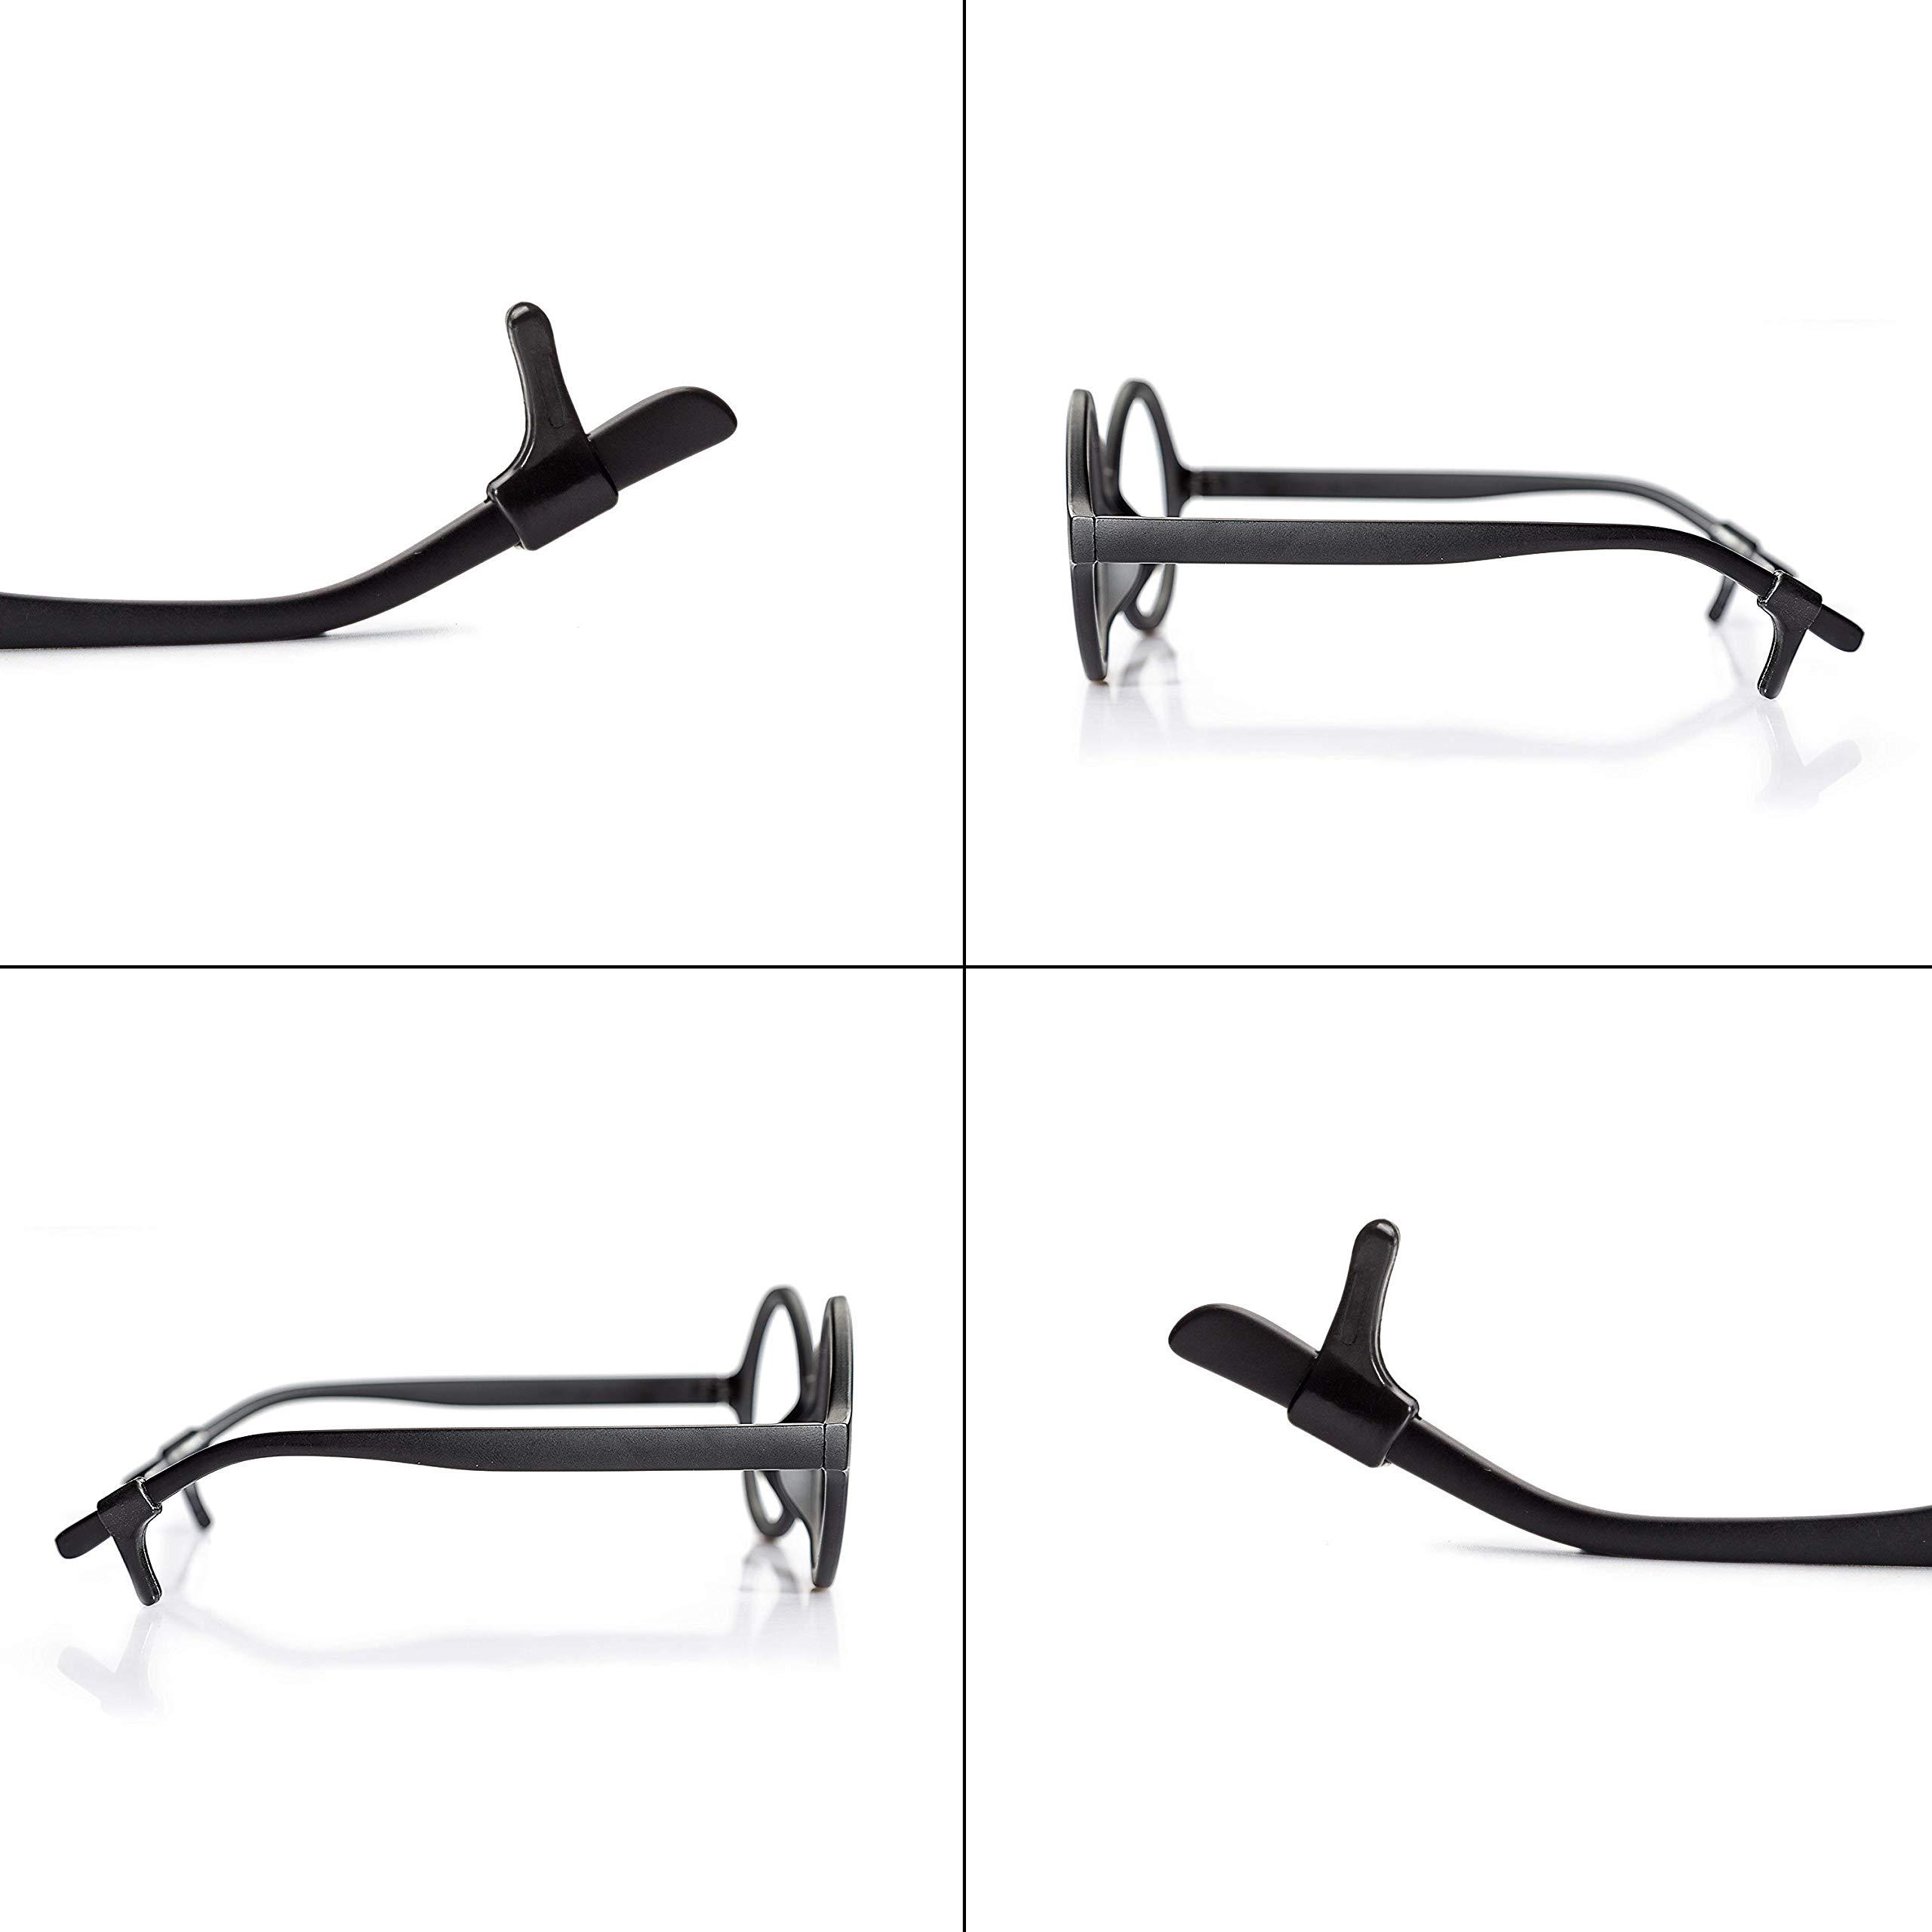 27cd954640 Keepons Lite Black Prevent Eyeglass Slipping Anti Slip Anti Slide Eyewear  Sunglasses Spectacles Glasses Temple Tips